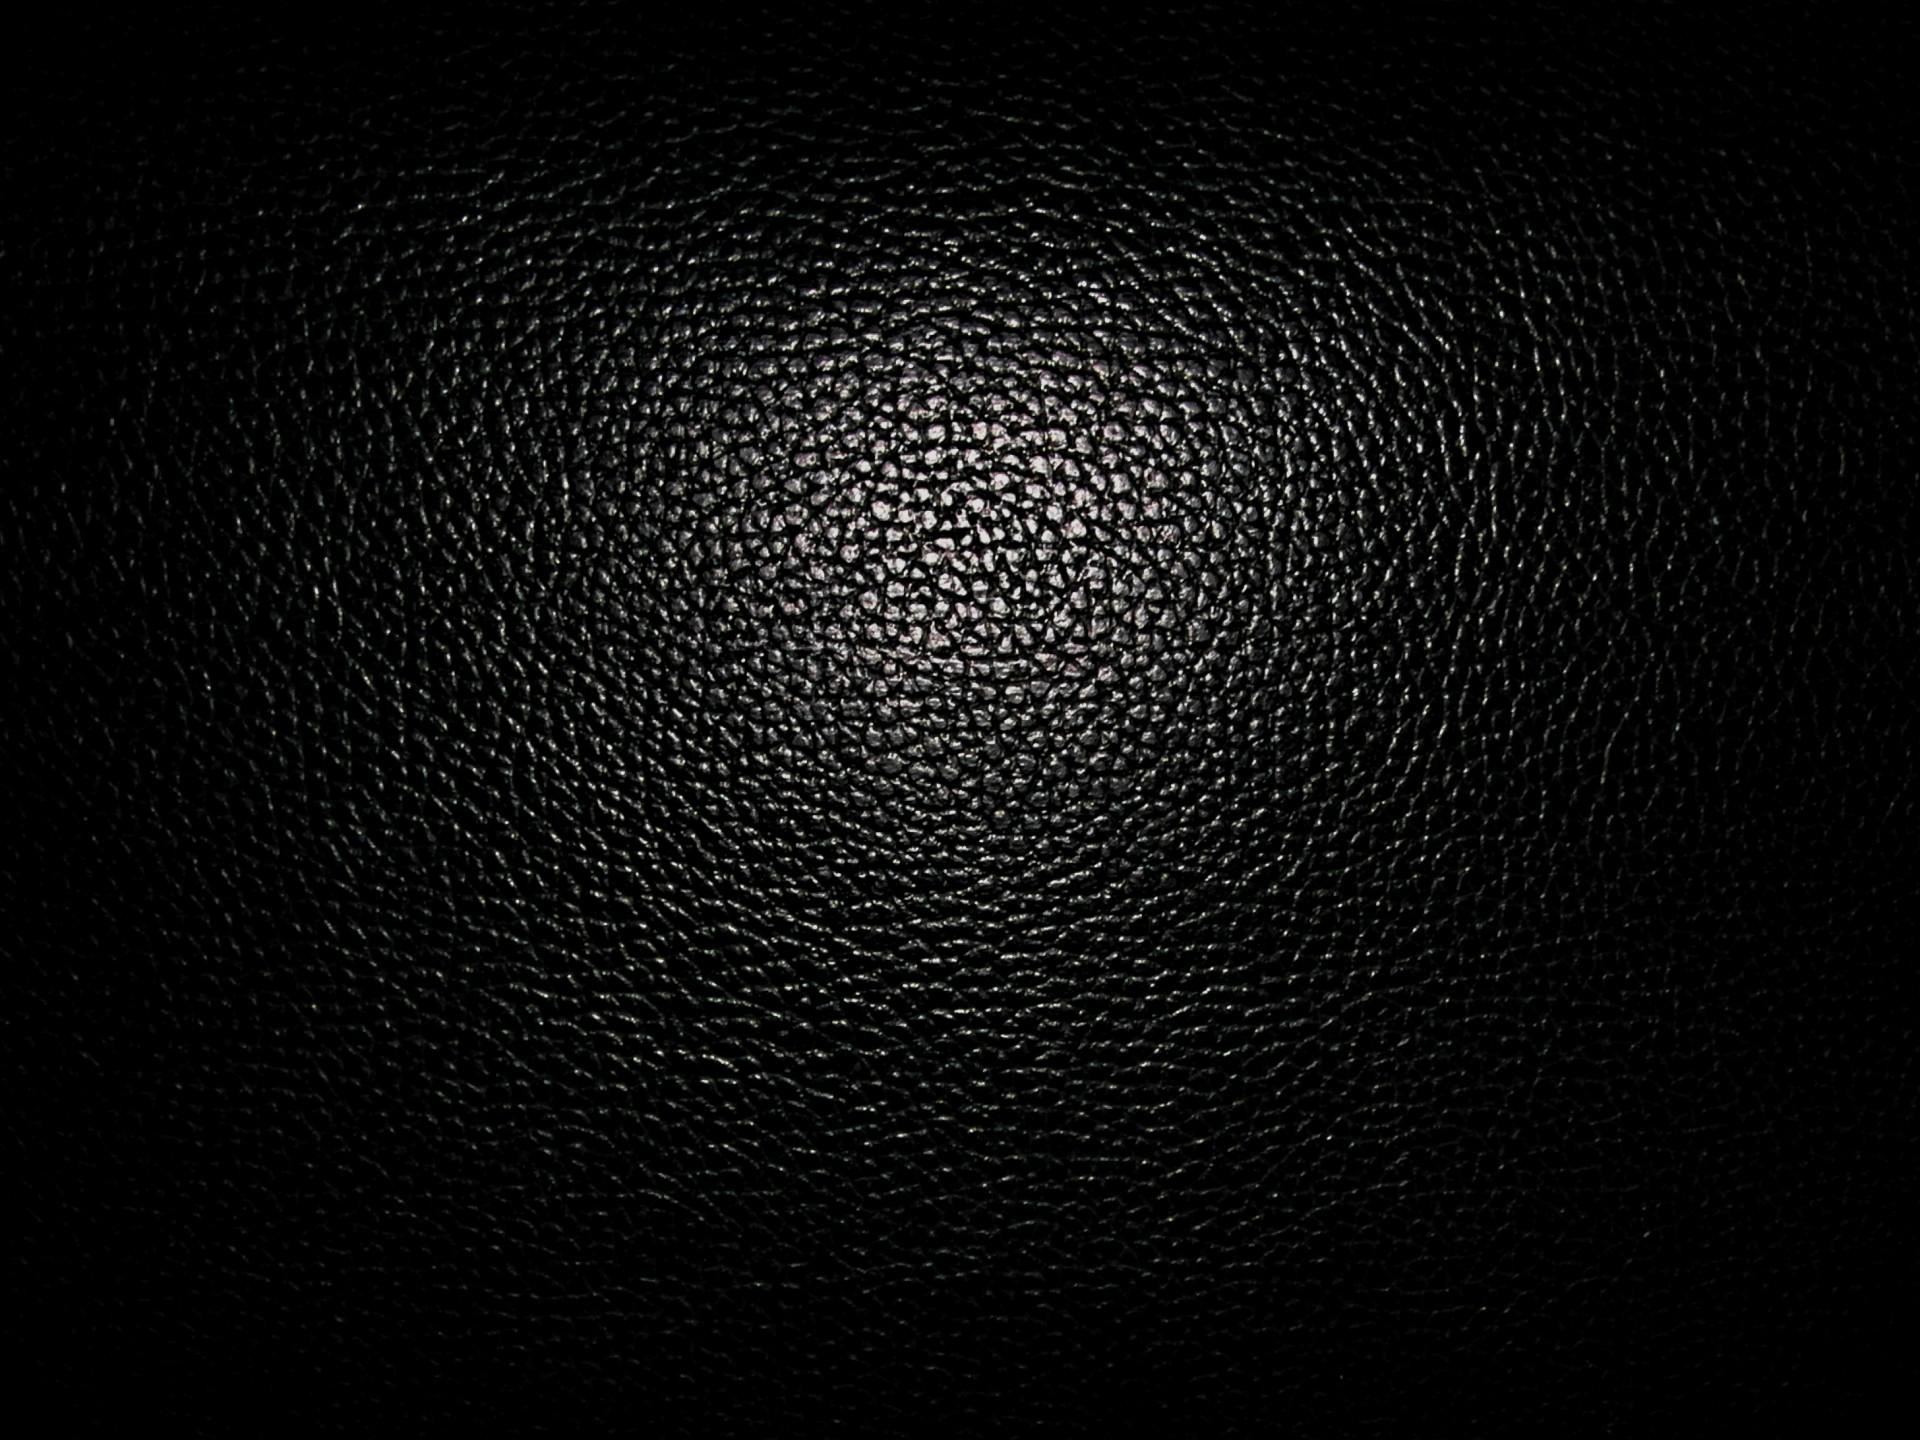 100 genuine leather sofa sofas wales black texture free stock photo - public domain ...